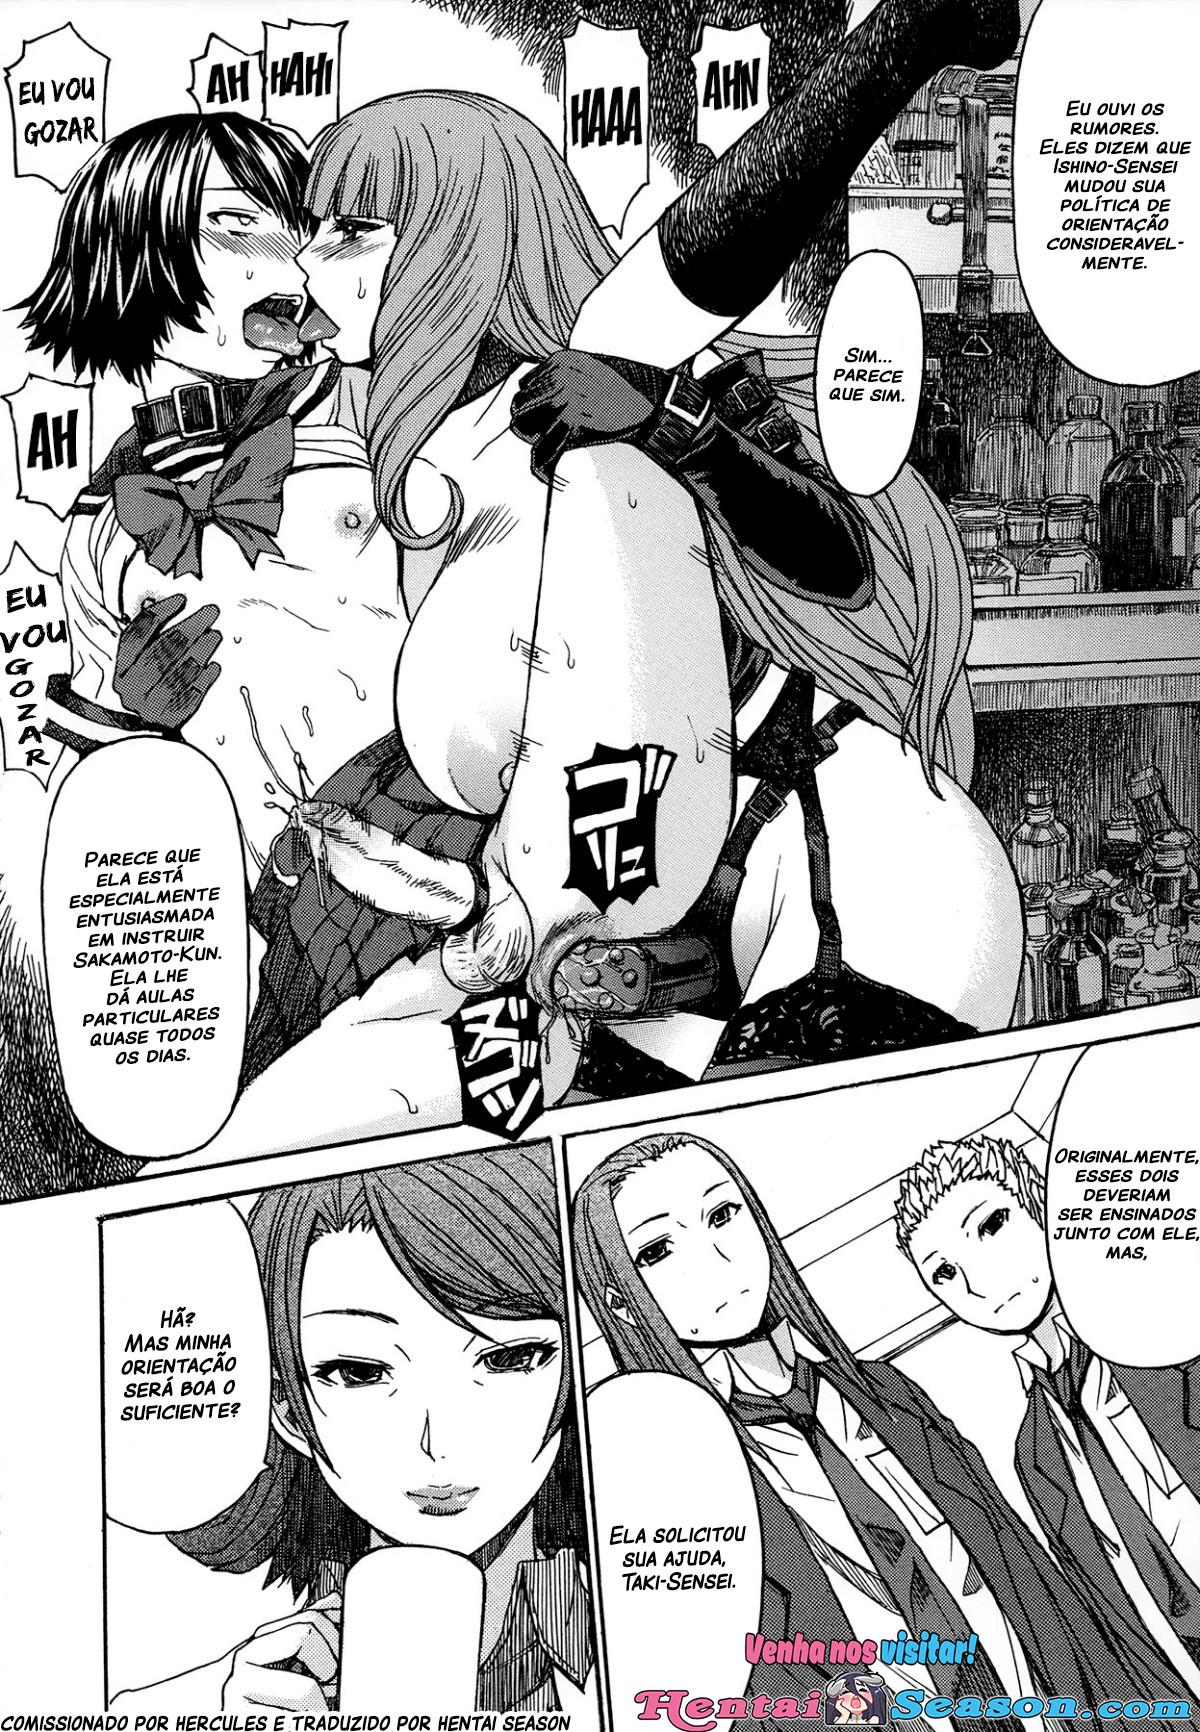 Ashigami Capitulo 4 - pagina 2